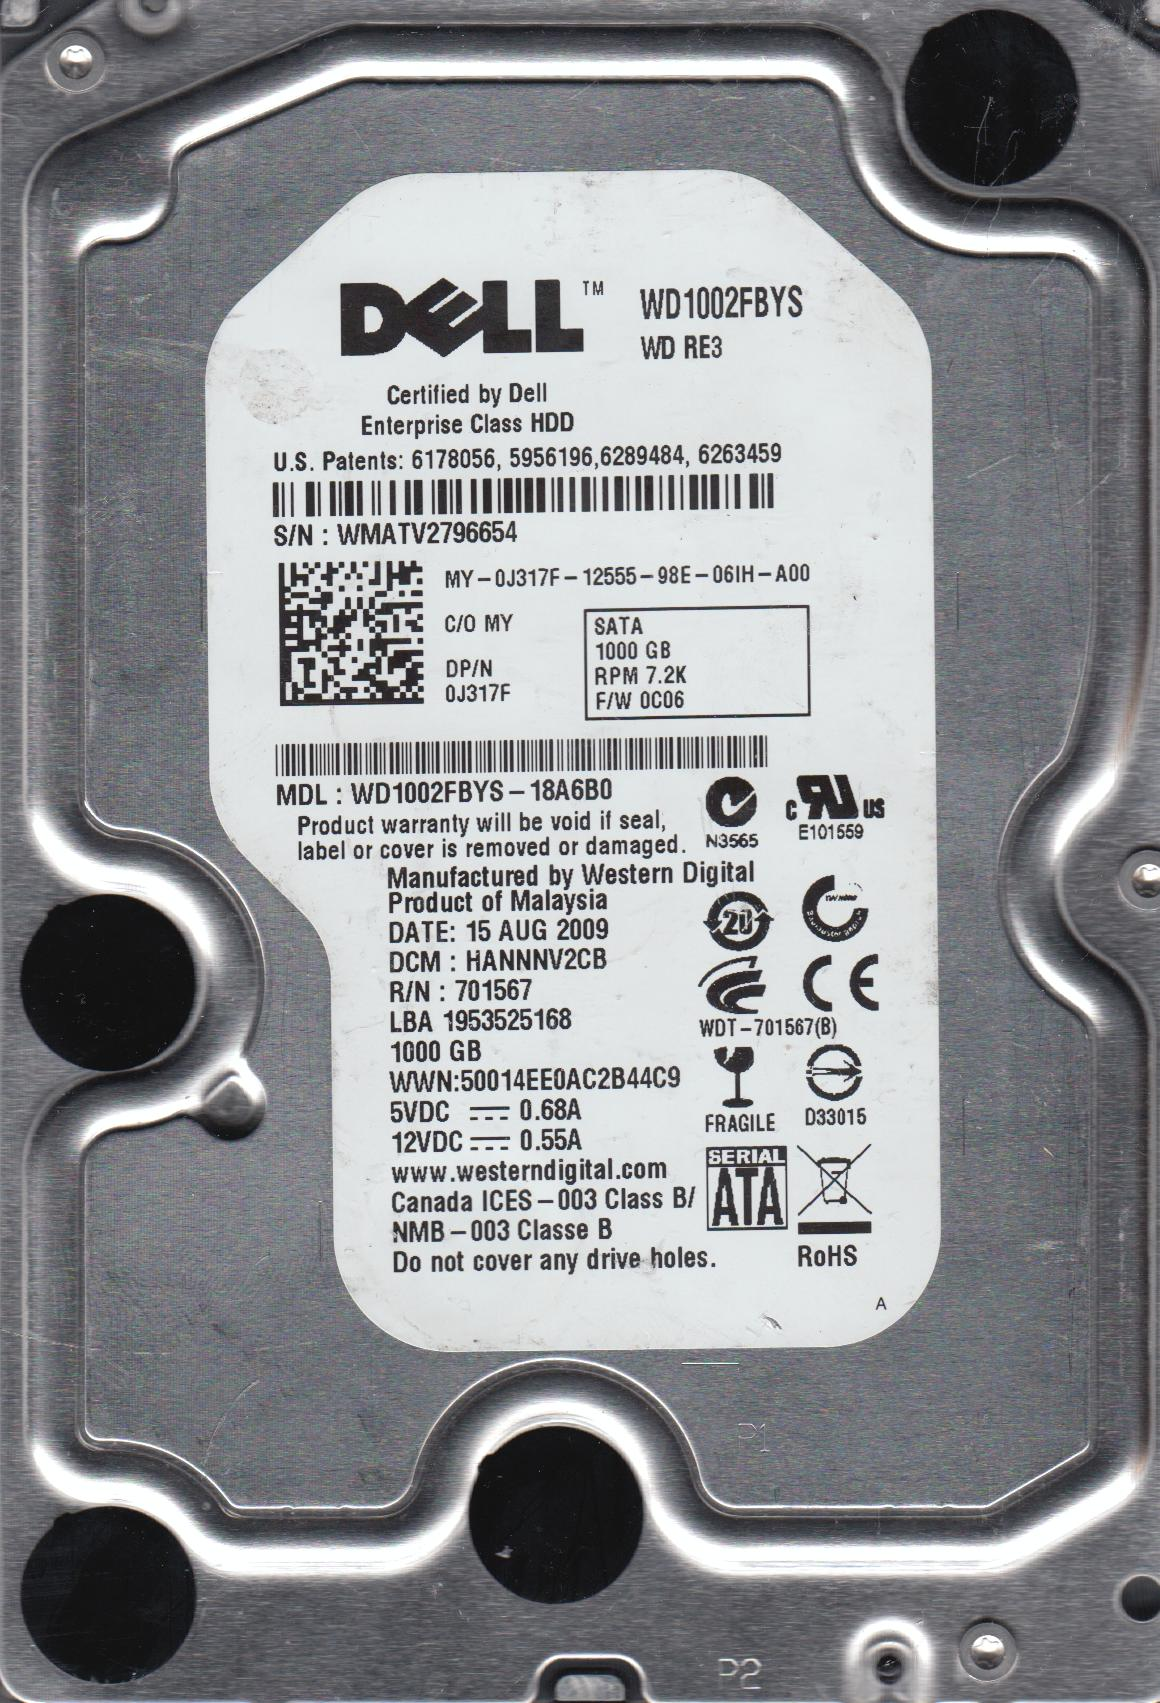 WD1002FBYS-18A6B0, DCM HANNNV2CB, Western Digital 1TB SATA 3.5 Hard Drive by Western Digital